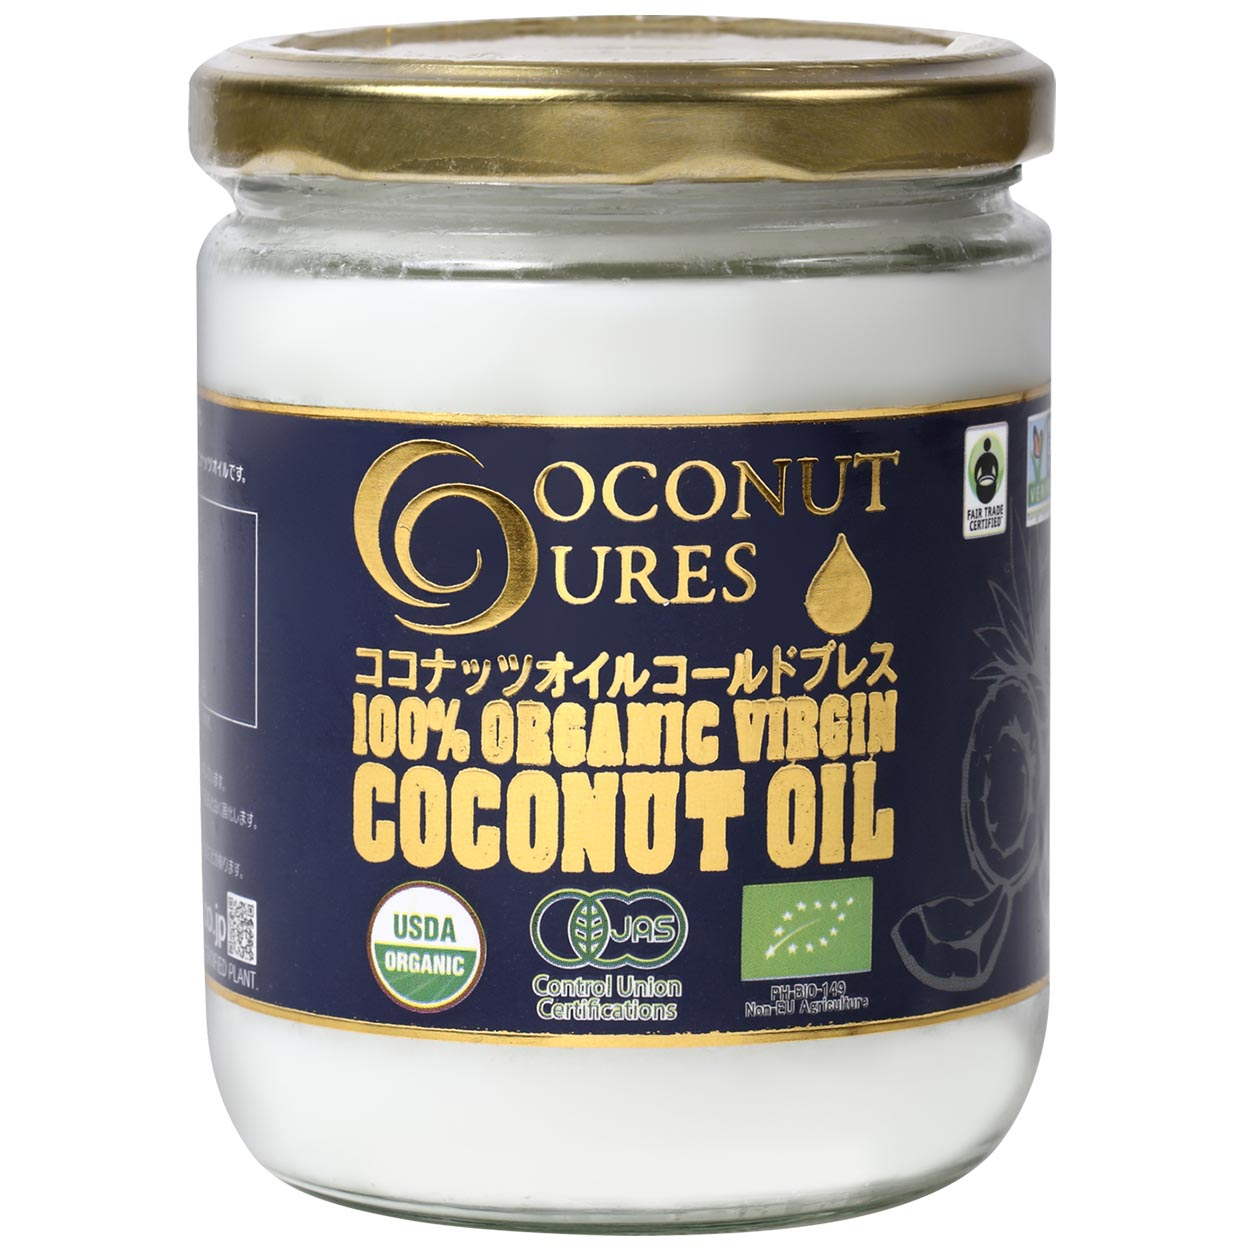 COCOCURE ココキュア ココナッツオイル コールドプレス(ブラックラベル)